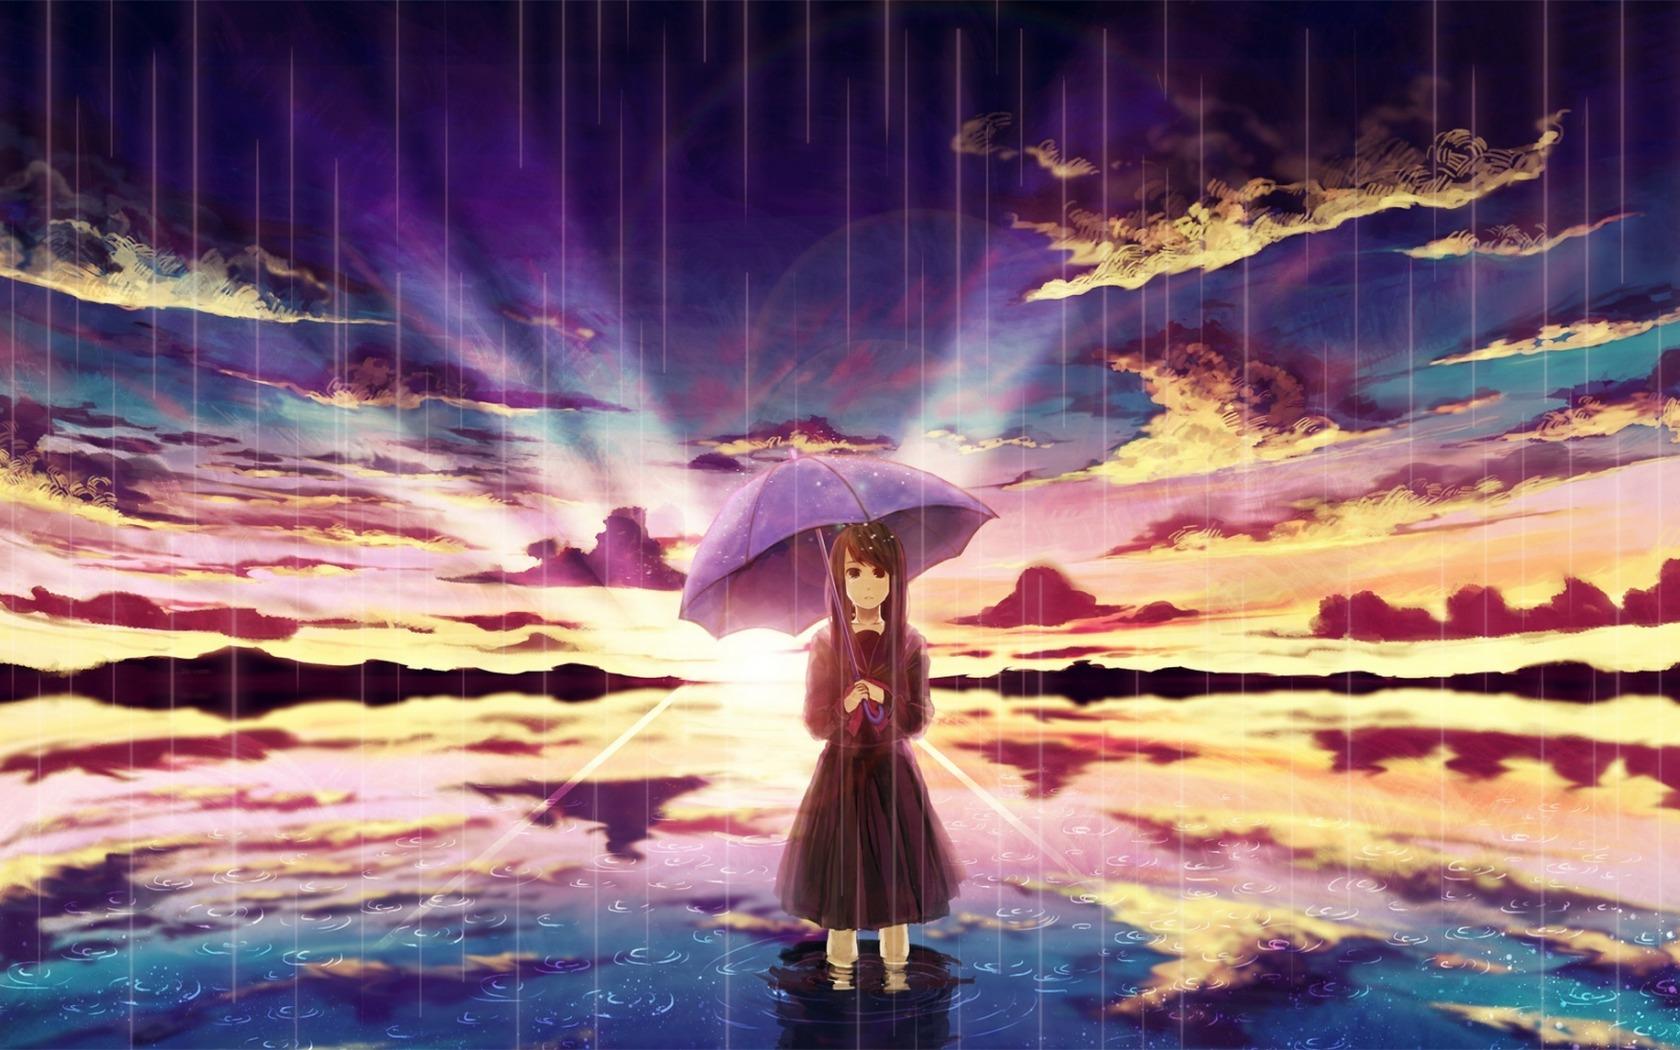 anime-girl-wallpaper-wp5602939